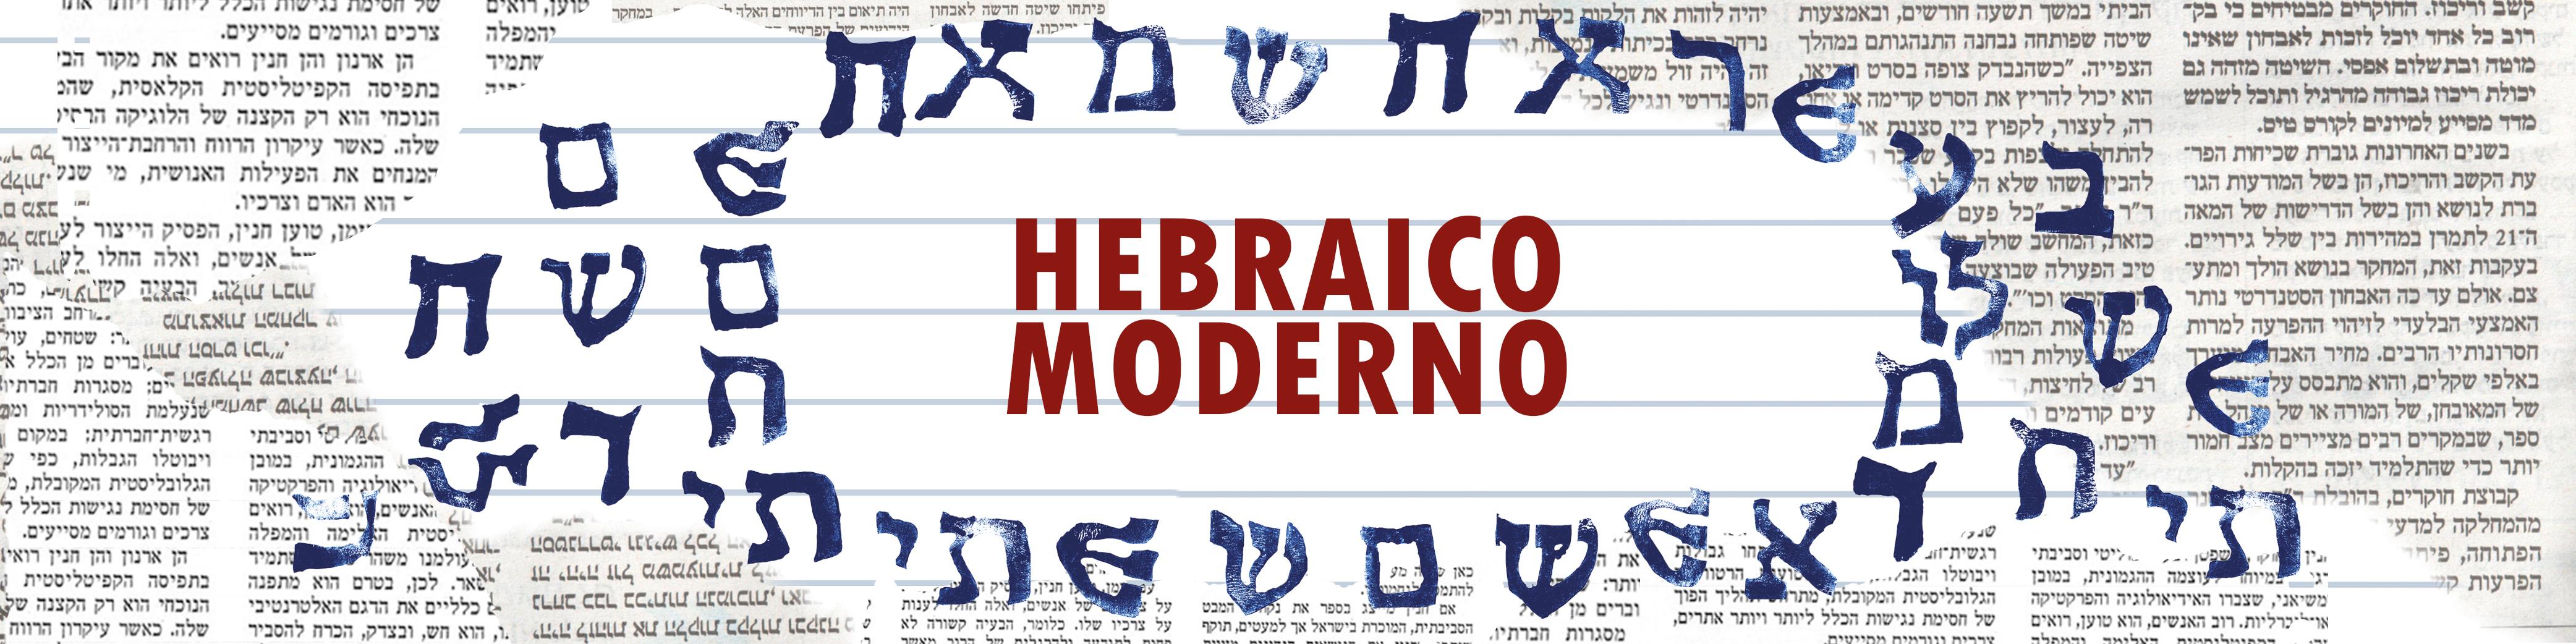 HEBRAICOMODERNO: Domine a língua milenar que continua presente na cultura de muitas comunidades ao redor do mundo